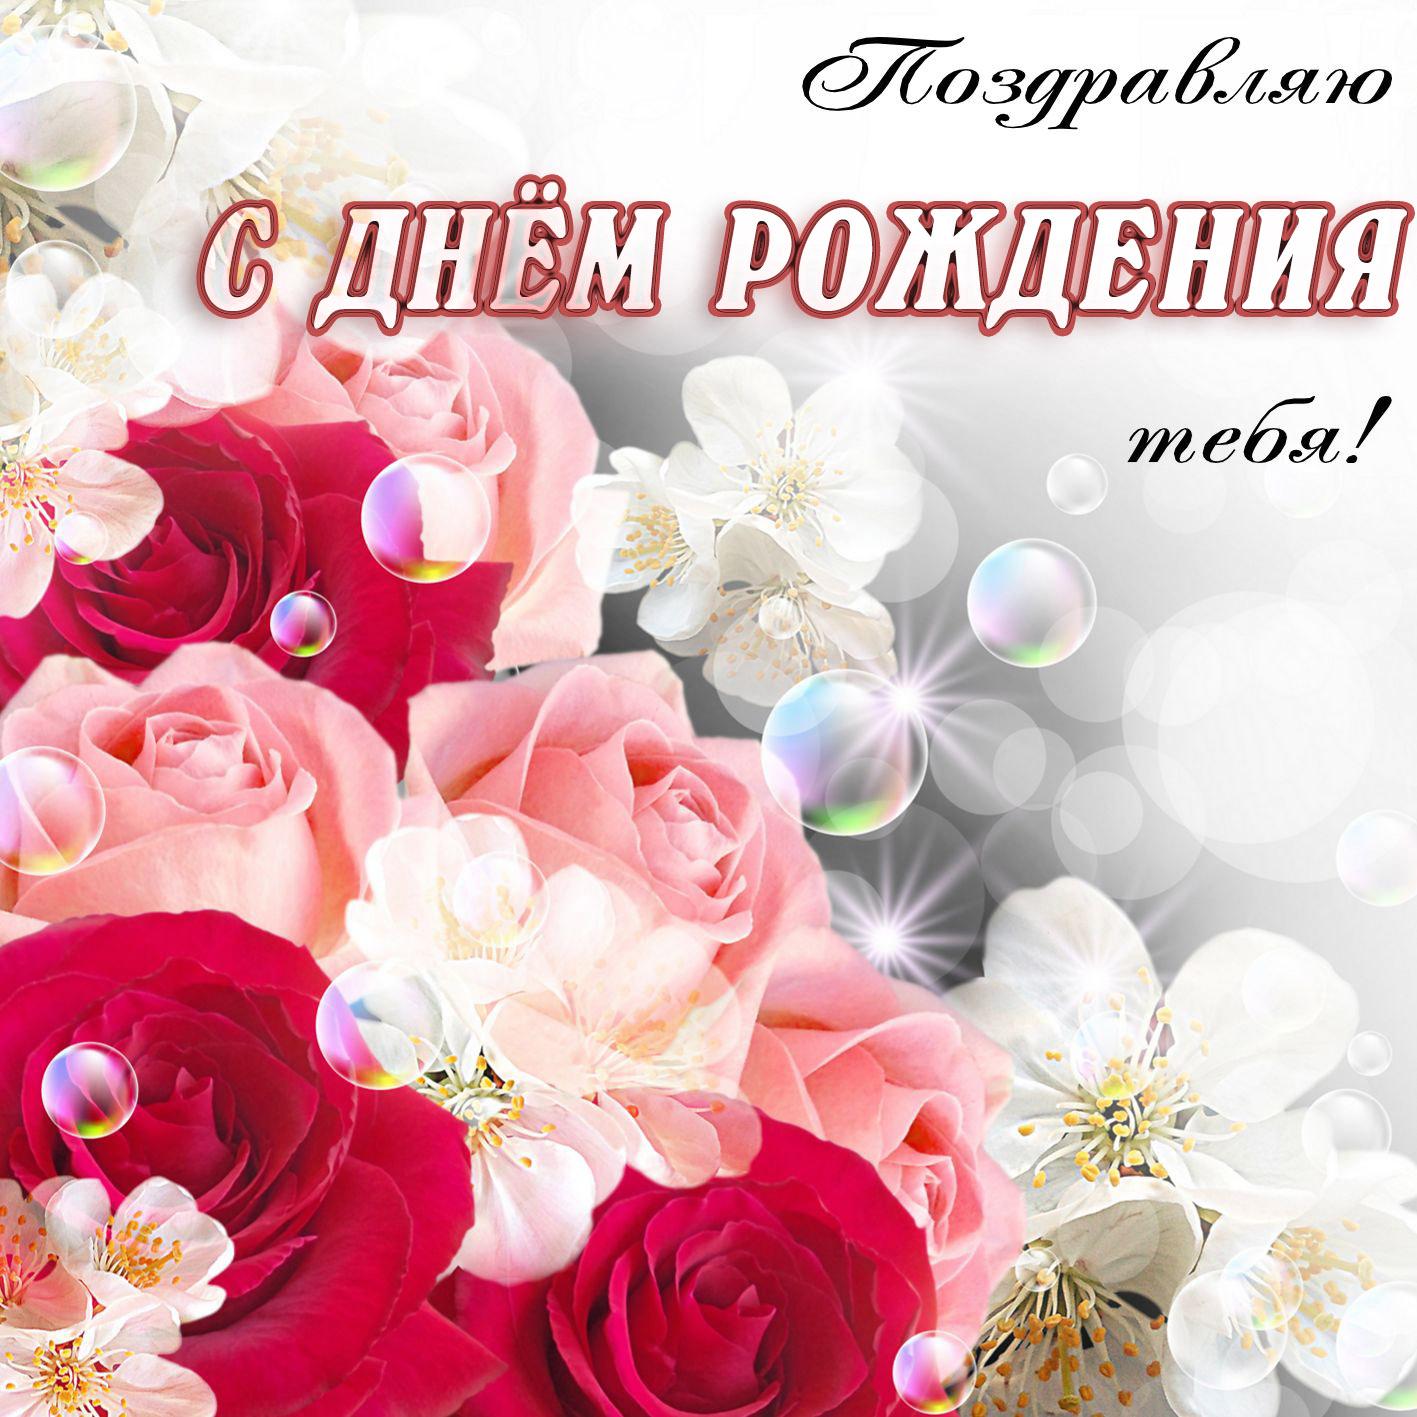 Открытка на День рождения - розы на сверкающем фоне для женщины